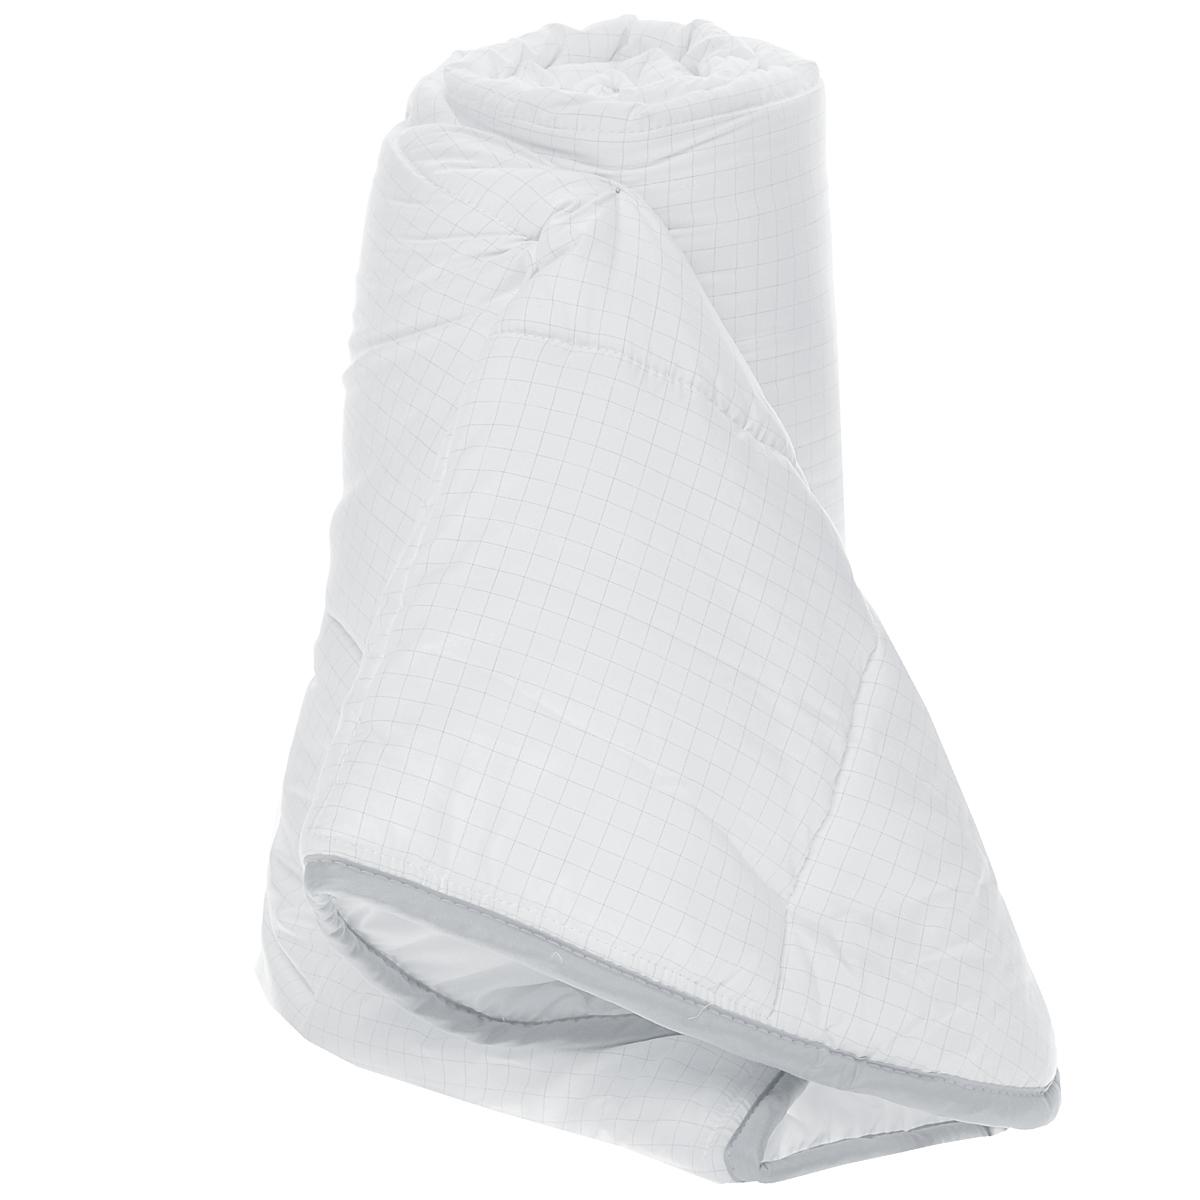 Одеяло легкое Comfort Line Антистресс, наполнитель: полиэстер, 140 х 205 смМБПЭ-18-1,5Легкое одеяло Comfort Line Антистресс подарит незабываемое чувство комфорта и уюта во время сна. Одеяло выполнено по инновационной технологии с применением карбоновой нити, которая способна снимать и отводить статическое напряжение. При уменьшении статического электричества качество сна увеличивается, вы почувствуете себя более отдохнувшим и снявшим стресс. Идеально подойдет людям, которые много времени проводят на работе, подвержены стрессу и заботятся о своем здоровье. Изделие также отлично отводит и испаряет влагу.Одеяло упаковано в пластиковую сумку-чехол, закрывающуюся на застежку-молнию.Рекомендации по уходу: - Можно стирать в стиральной машине при температуре не выше 30°С. - Не отбеливать. - Не гладить. - Нельзя отжимать и сушить в стиральной машине. - Химчистка с мягким растворителем. - Сушить вертикально. Материал чехла: микрофибра (99,4% полиэстер, 0,6% карбон).Наполнитель: полиэстеровое волокно (100% полиэстер). Размер: 140 см х 205 см. Масса наполнителя: 150 г/м2.